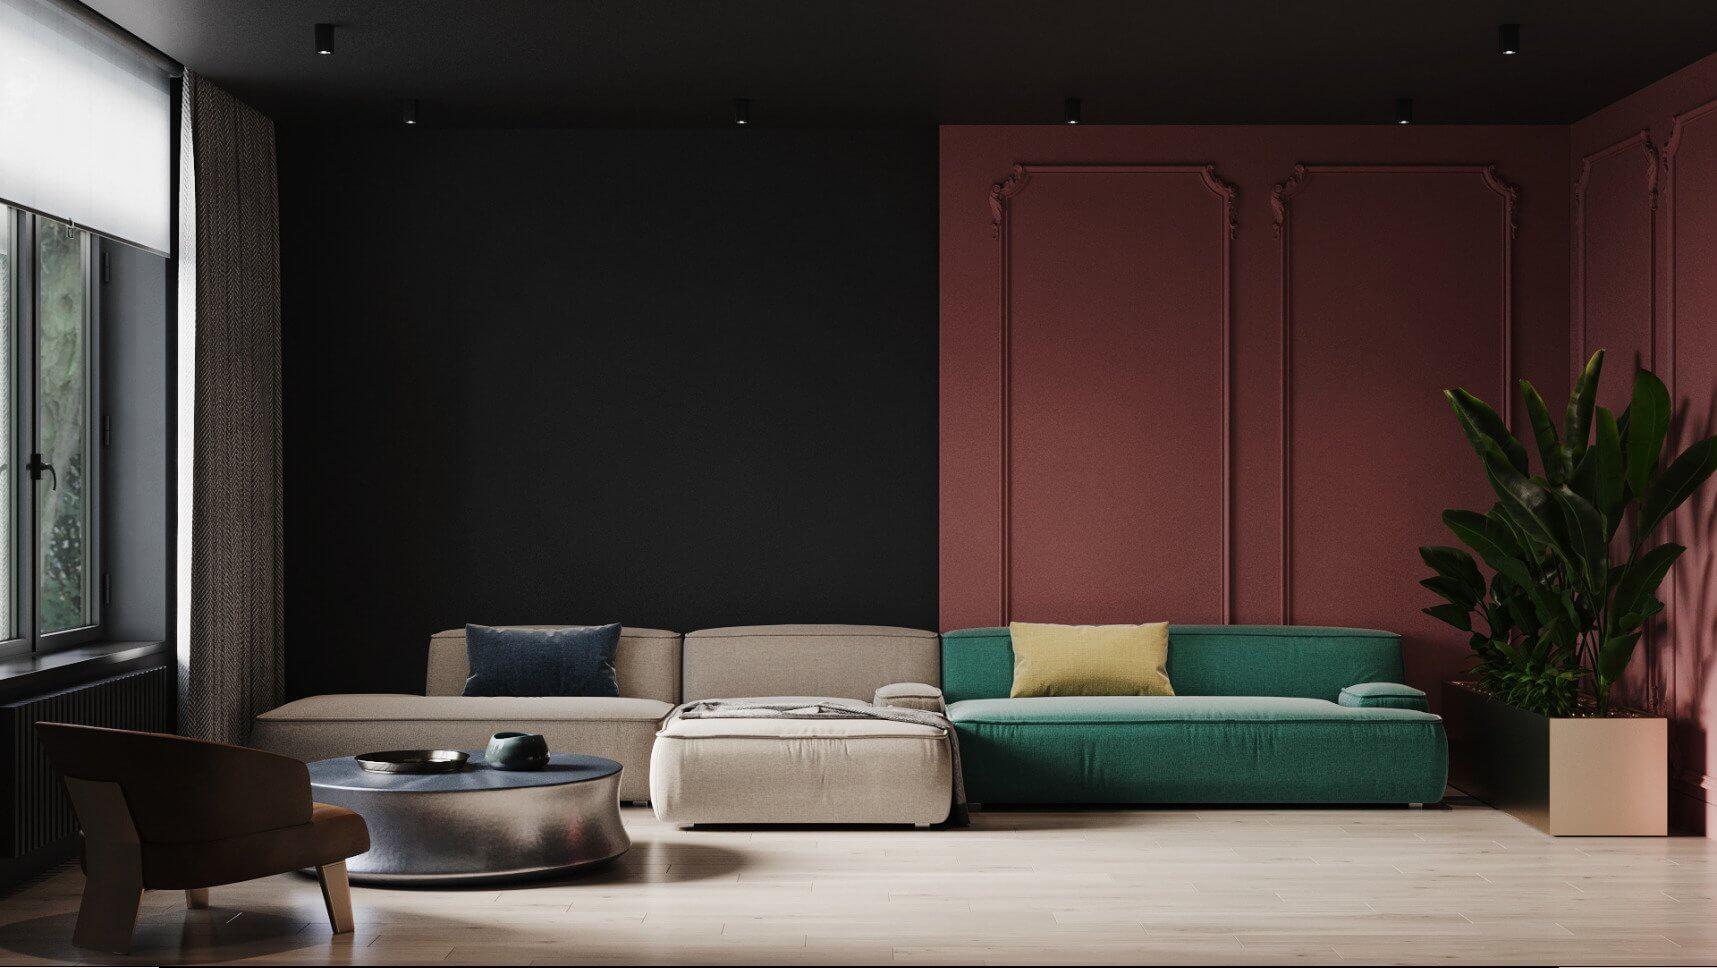 Dark penthouse design with brass kitchen design - cgi visualization 2